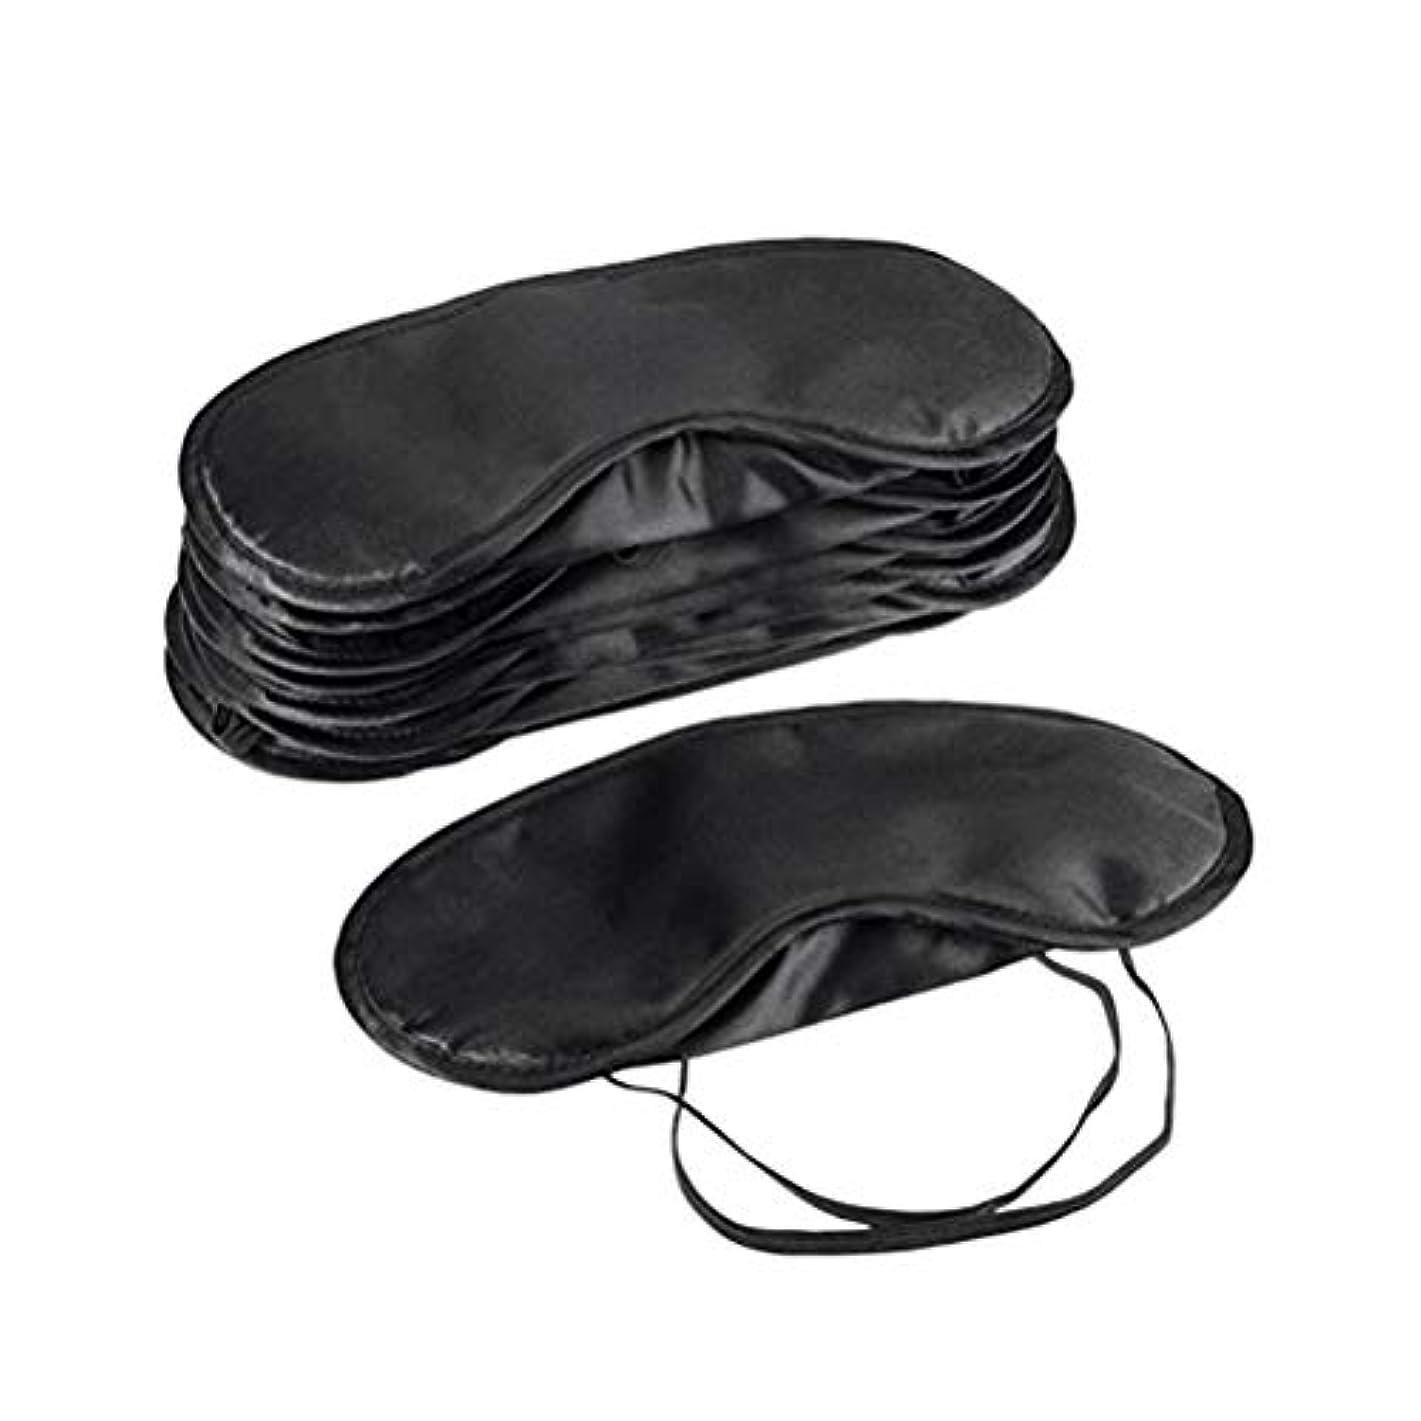 カジュアル横向きカブBeaupretty 30ピースポリエステル睡眠アイマスク目隠しシェーディングアイパッチ軽量で快適なアイマスクアイプロテクション用航空トレーニング(ブラック)